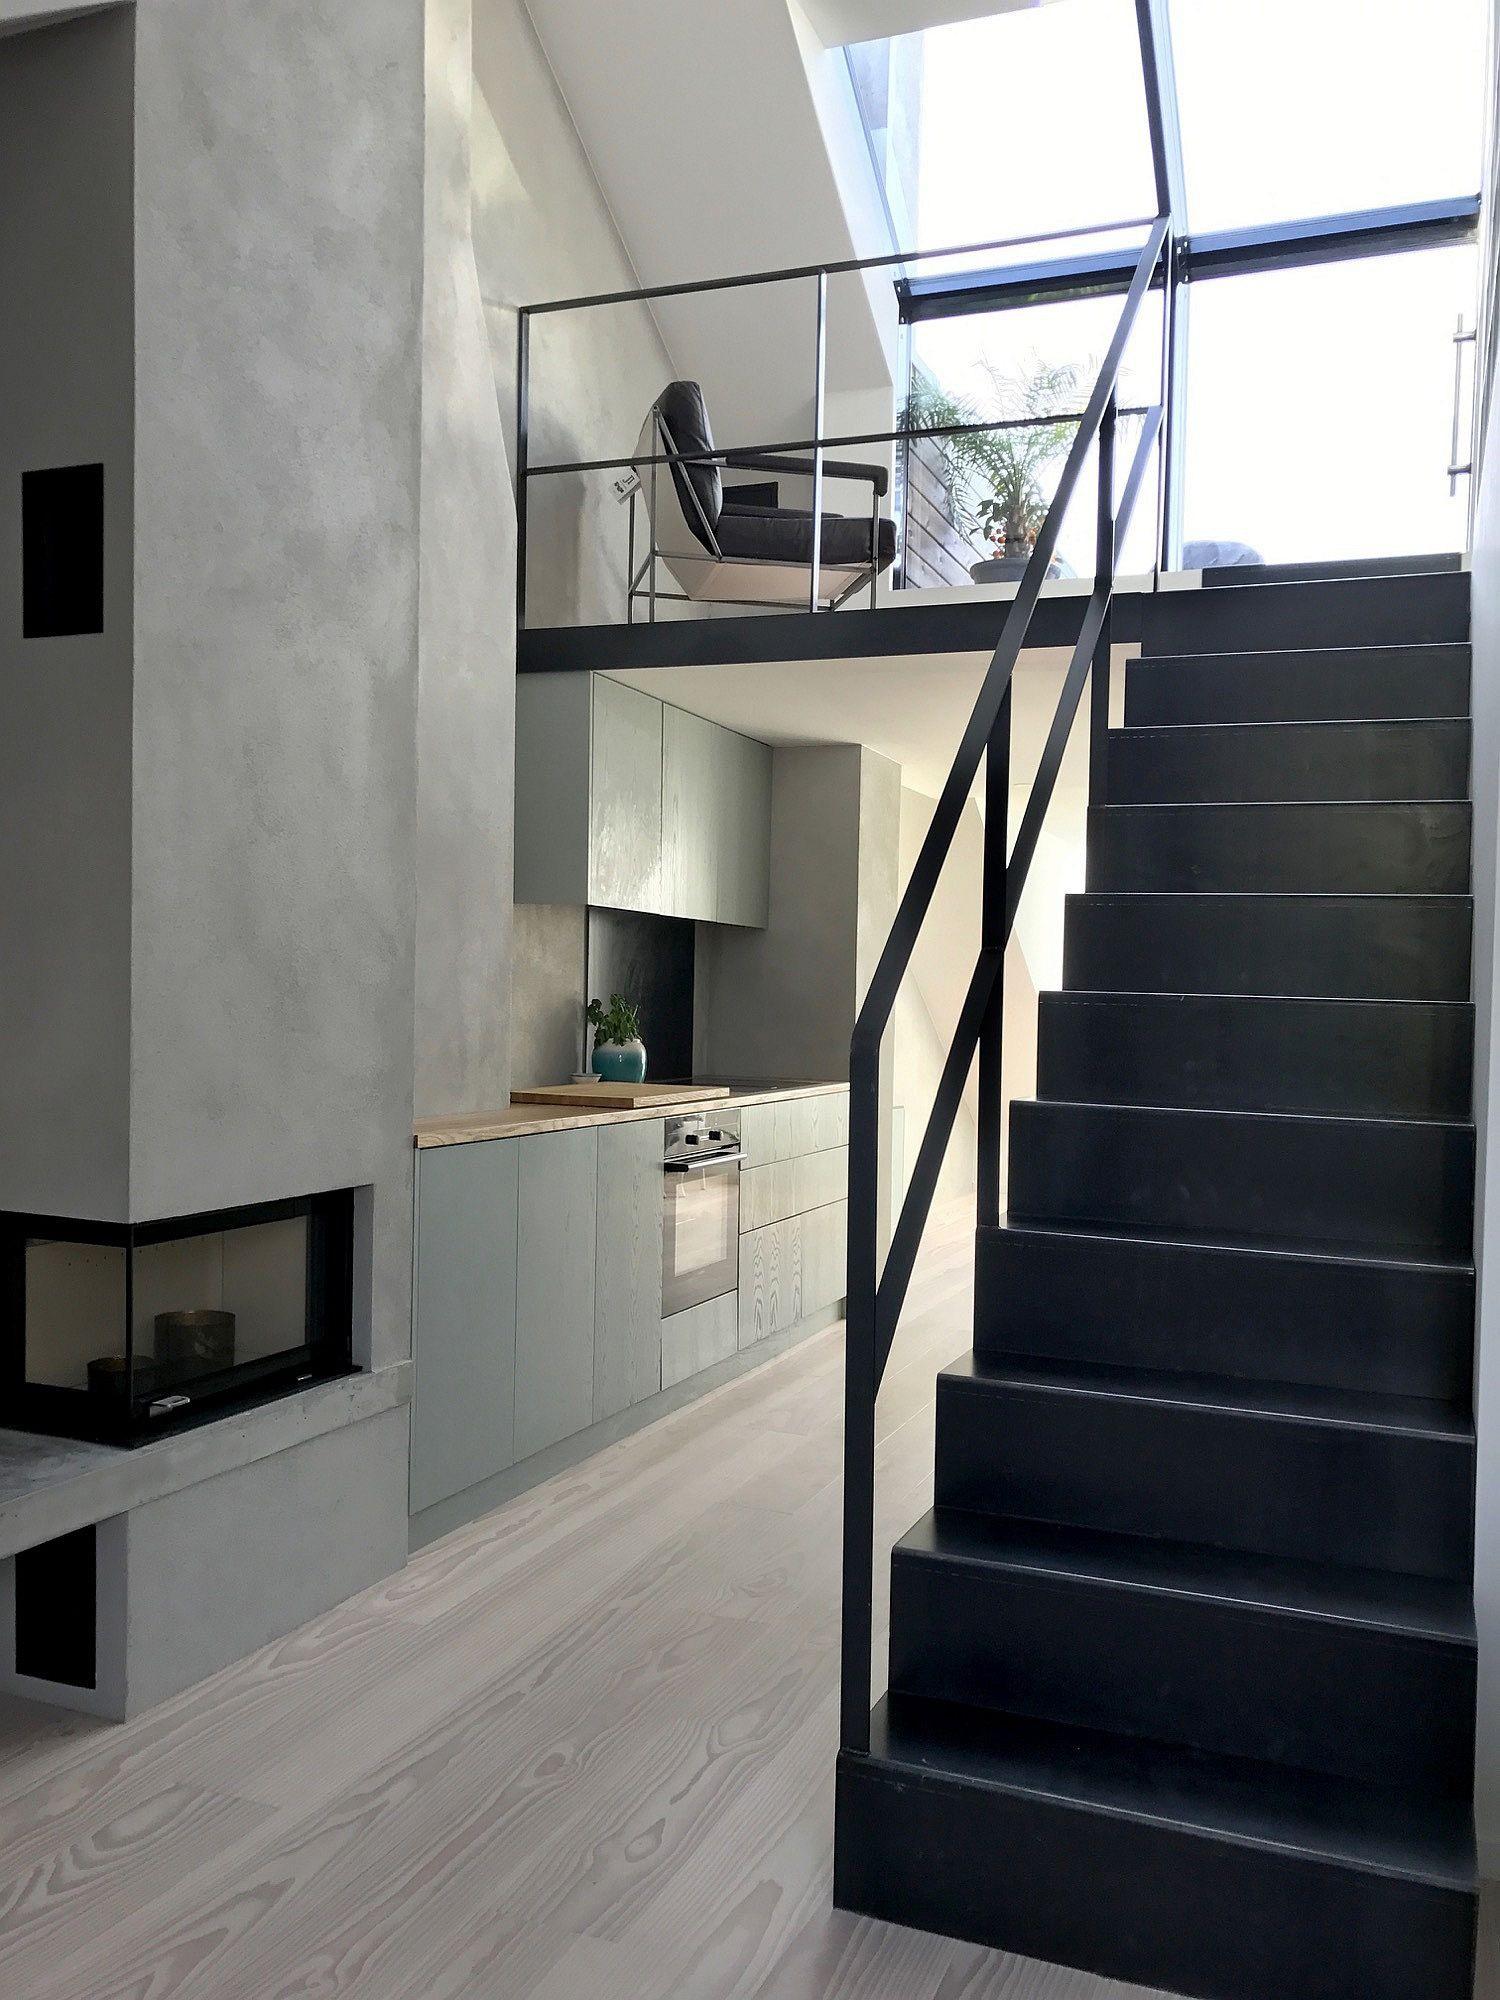 Biến hóa gác xép cũ thành căn hộ hiện đại, xinh xắn đầy ánh sáng tự nhiên - Ảnh 2